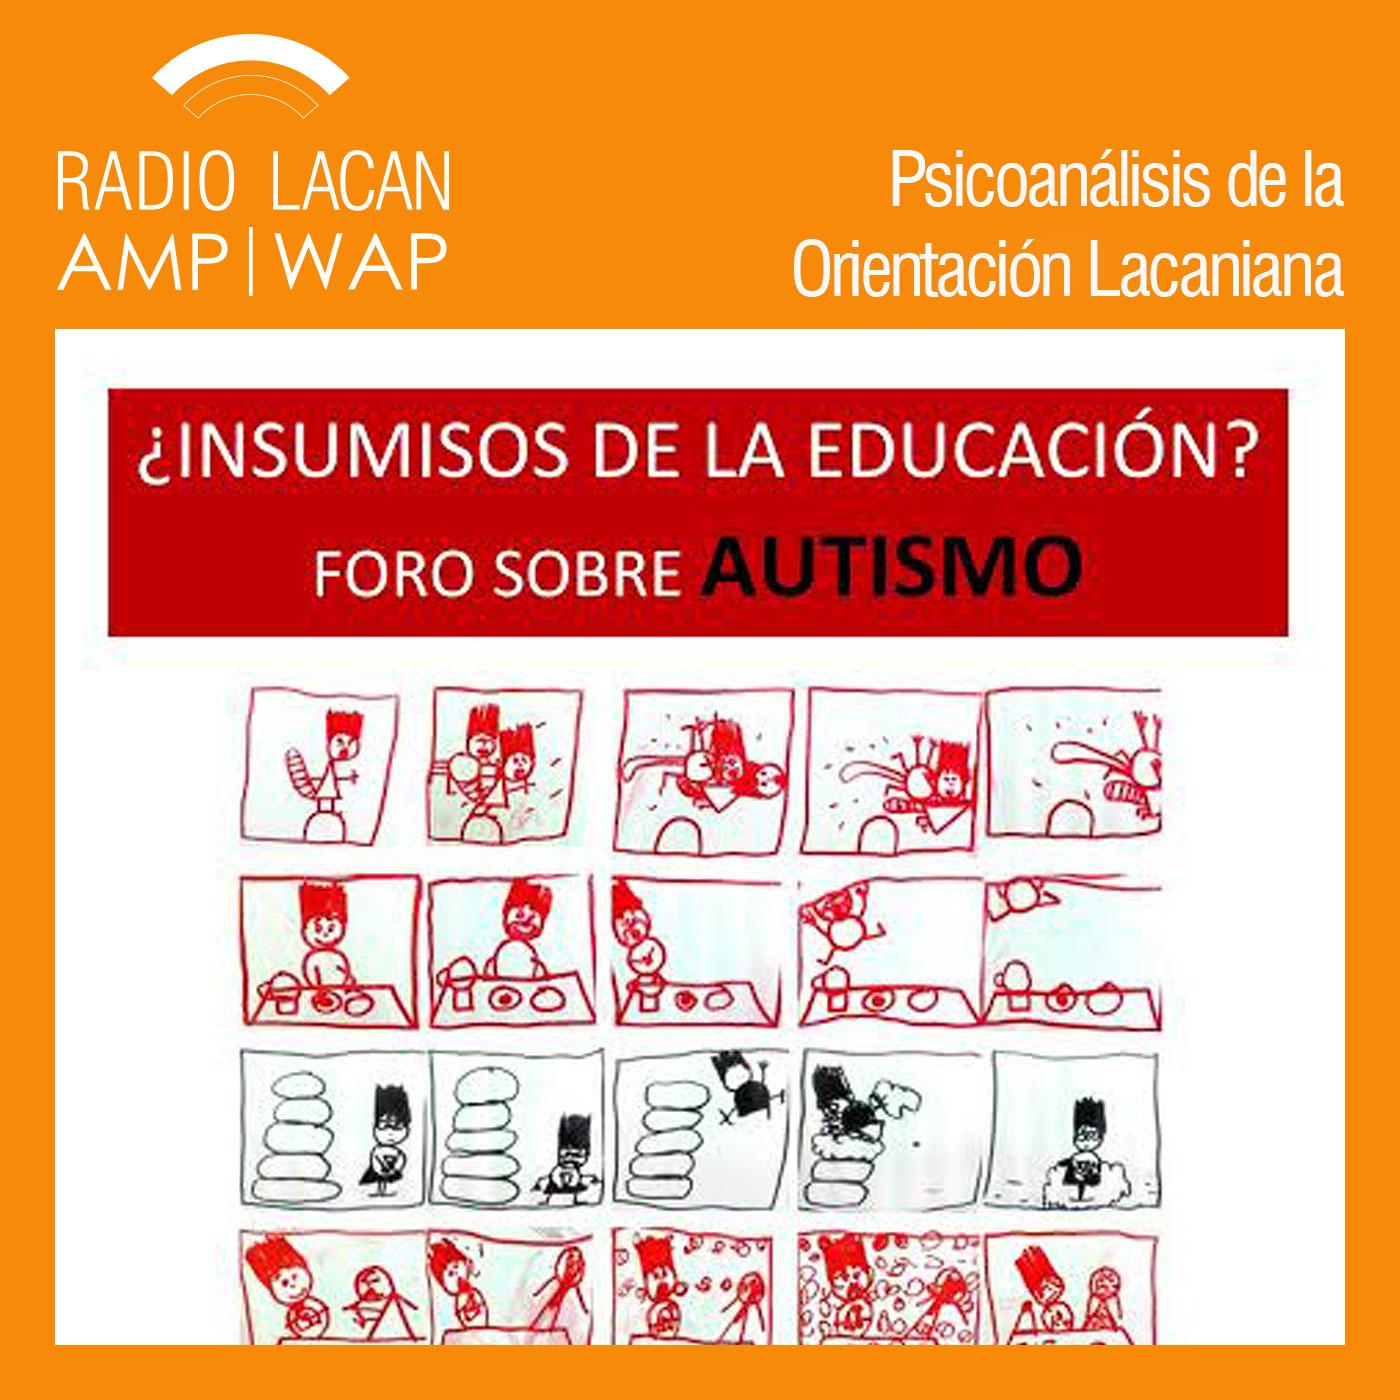 RadioLacan.com | <![CDATA[¿Insumisos de la educación? Foro sobre Autismo. Conferencia: El autismo sin marcadores]]>